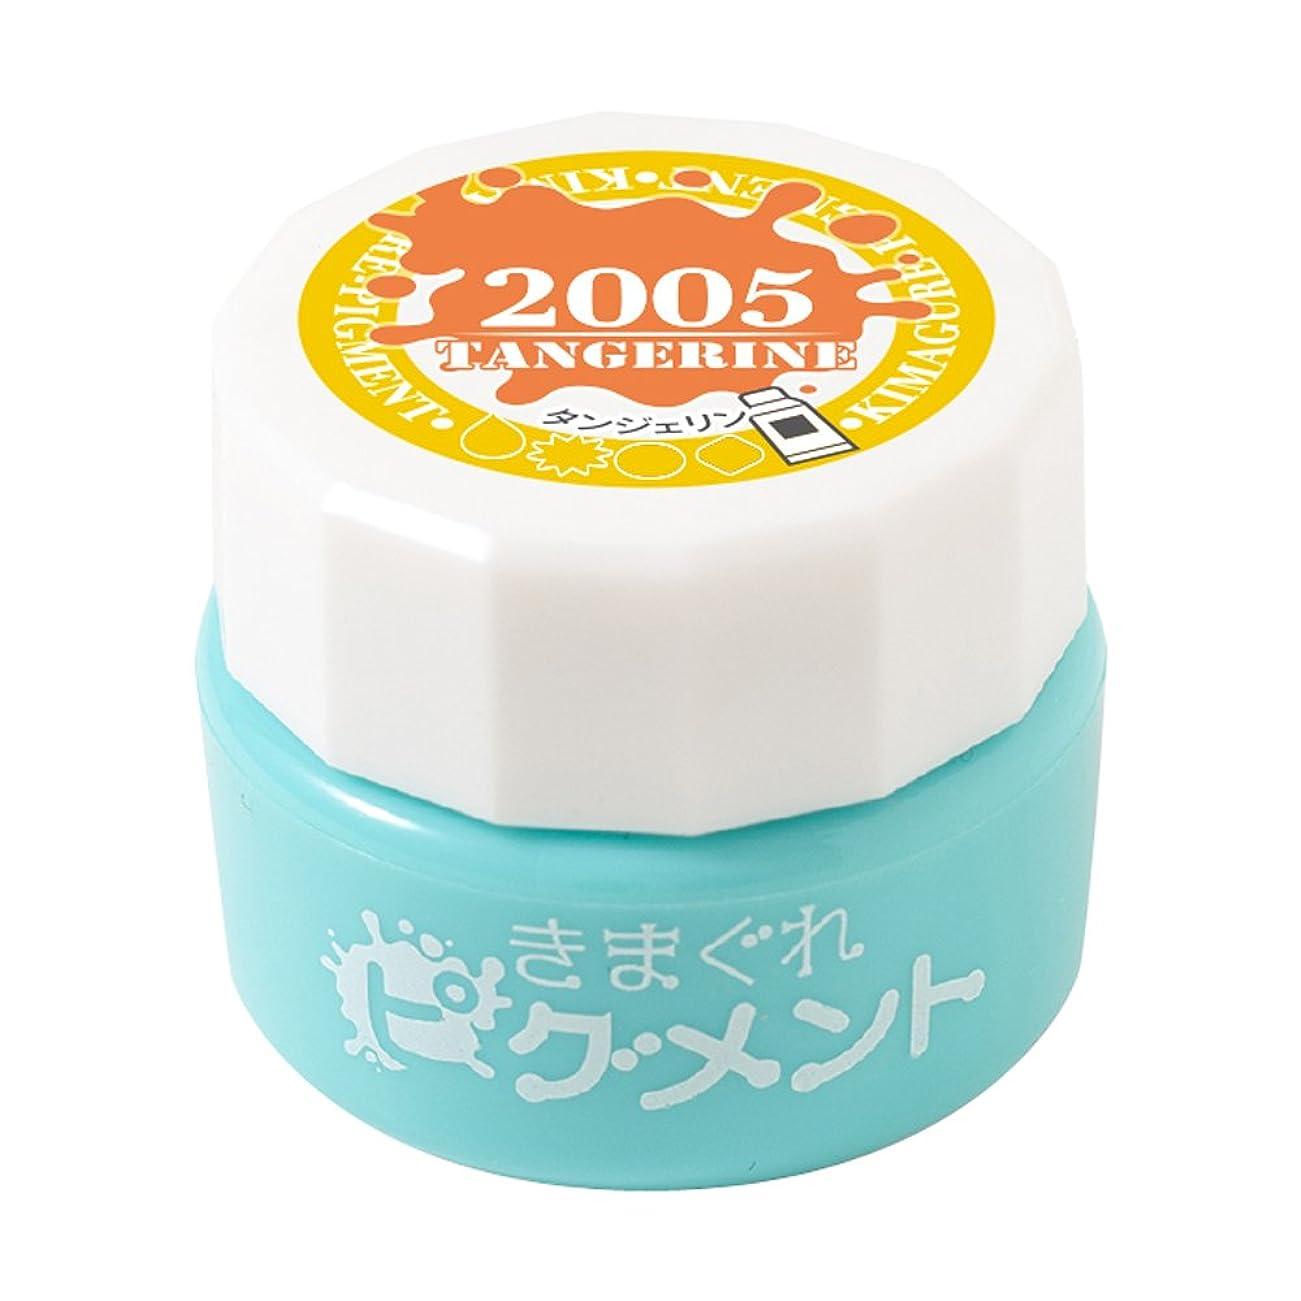 飼いならすクールお手伝いさんBettygel きまぐれピグメント タンジェリン QYJ-2005 4g UV/LED対応